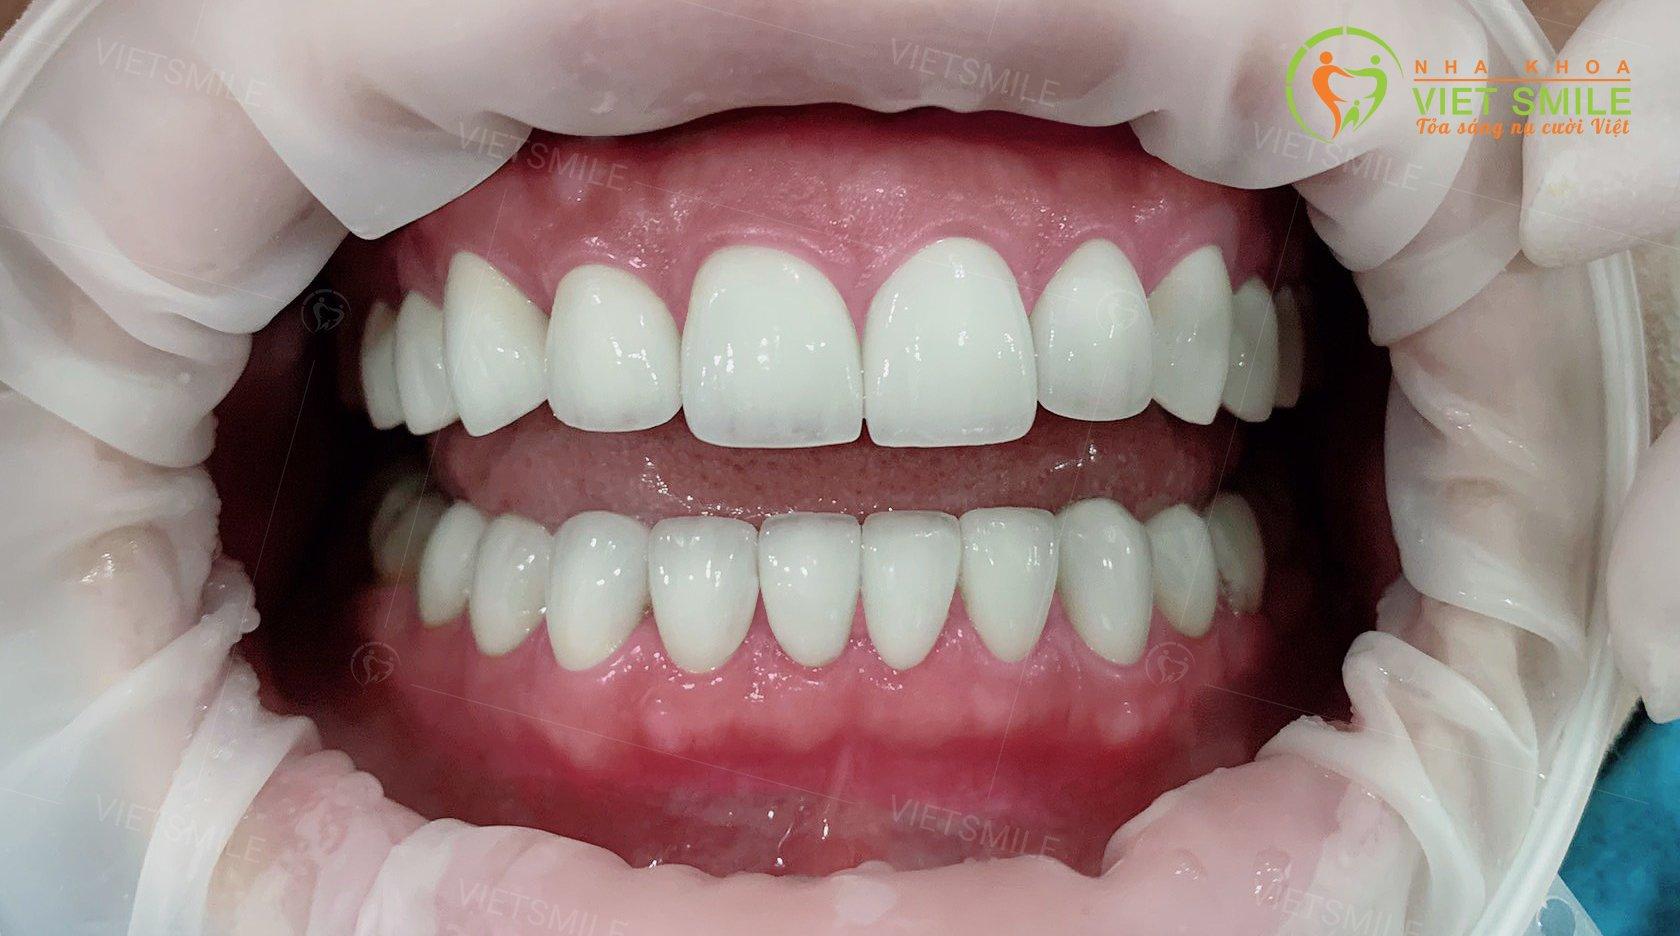 Răng sau dán sứ veneer nhiễm kháng sinh được thực hiện bởi Nha khoa Việt Smile